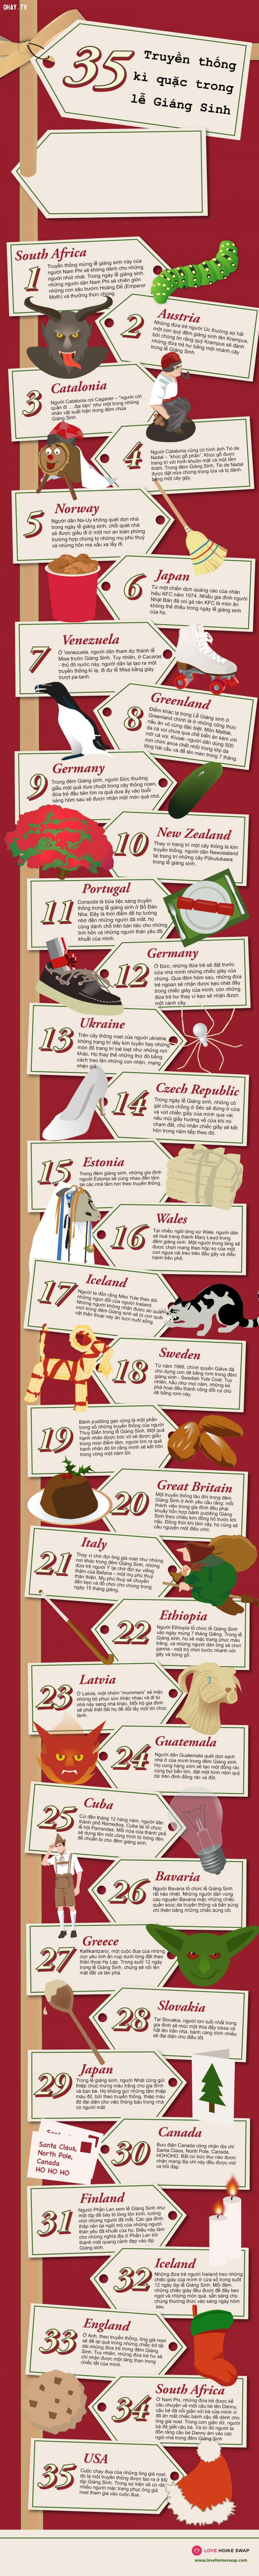 35 truyền thống đón Giáng Sinh kì quặc nhất